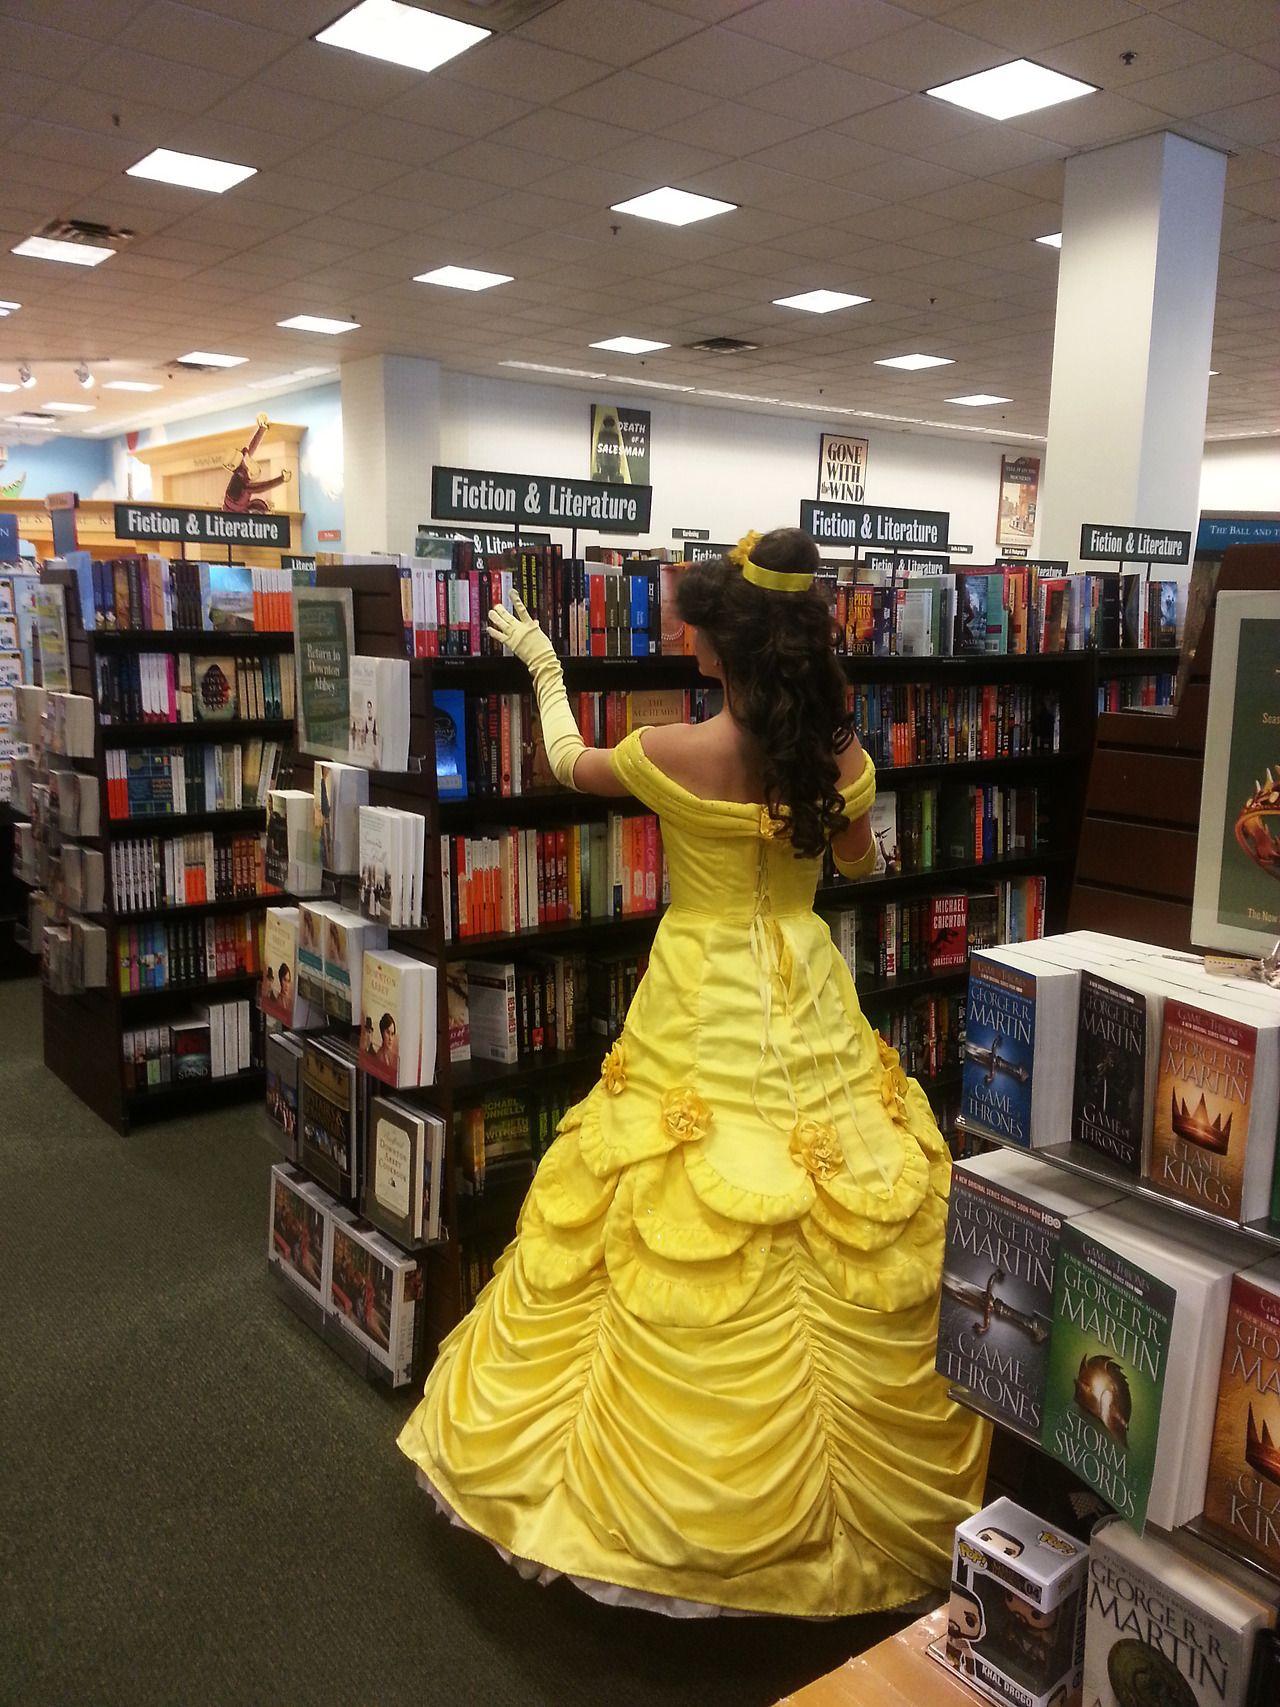 Bella, la librería, quiere leer, le gustan los libros de (suspenso, romance, ciencia ficción, etc.), quiere que la Bestia lea, compra